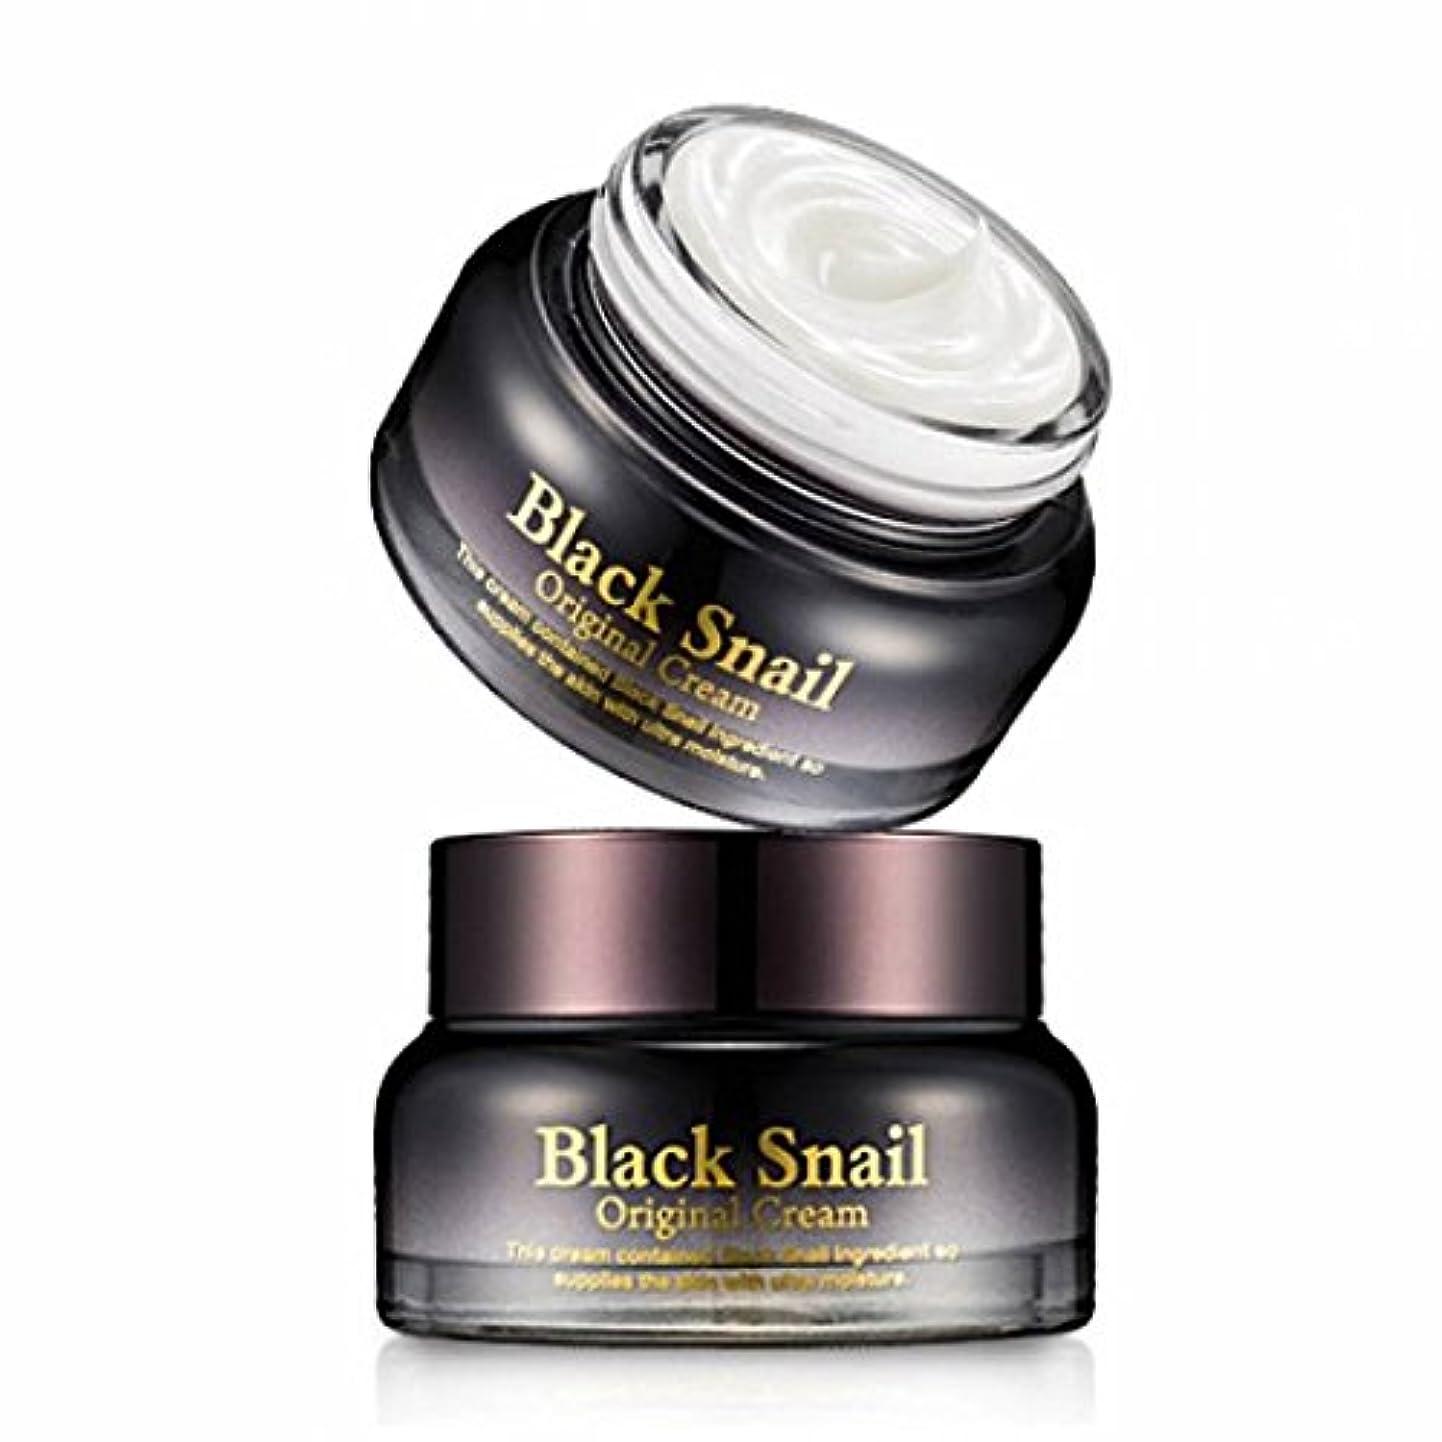 不可能なうま入札シークレットキー [韓国コスメ Secret Key] ブラックスネイル オリジナルクリーム Secret Key Black Snail Original Cream [並行輸入品]